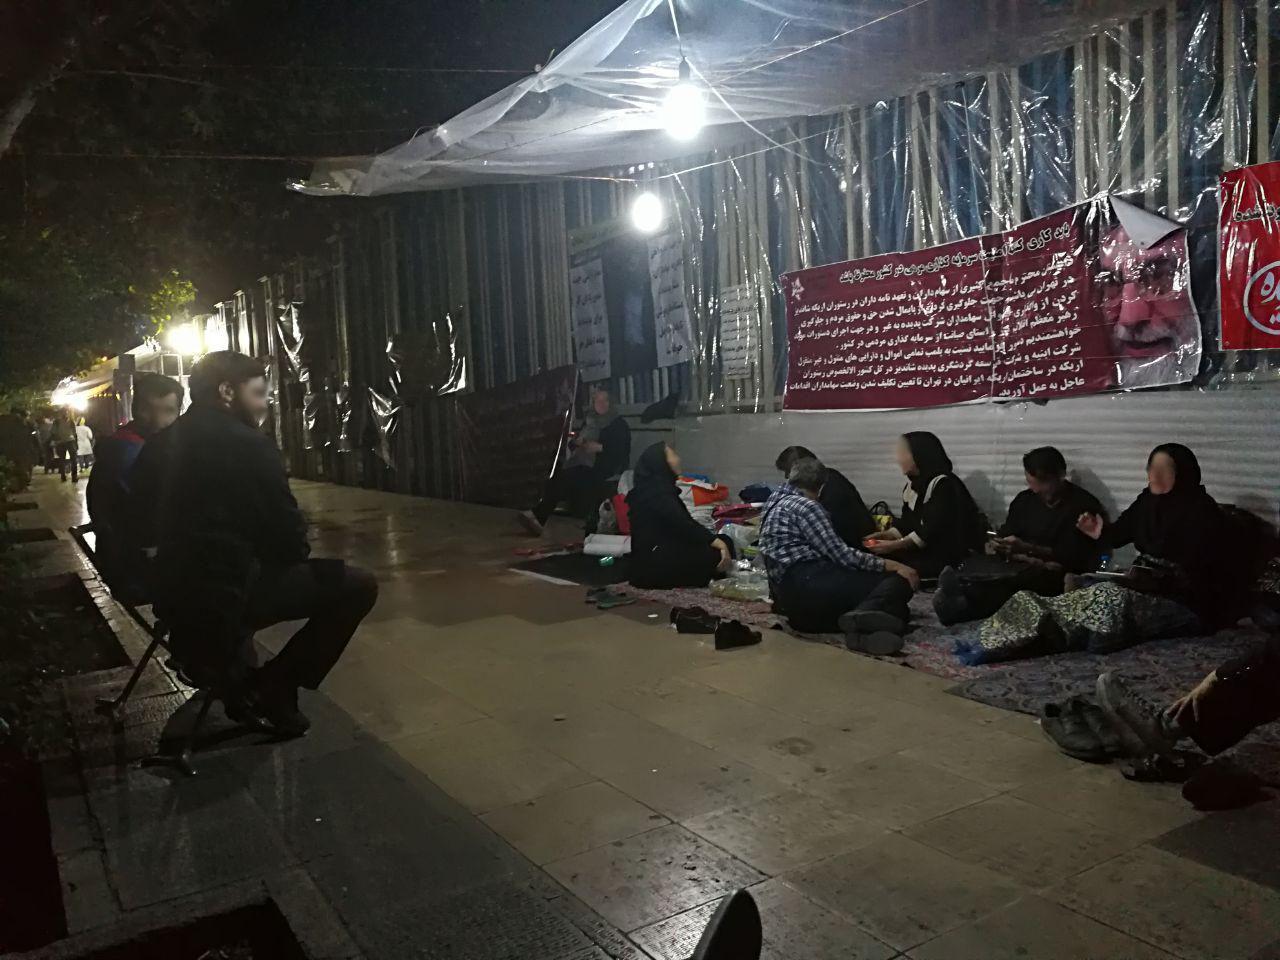 چهارمین روز تجمع سهامداران در تهران